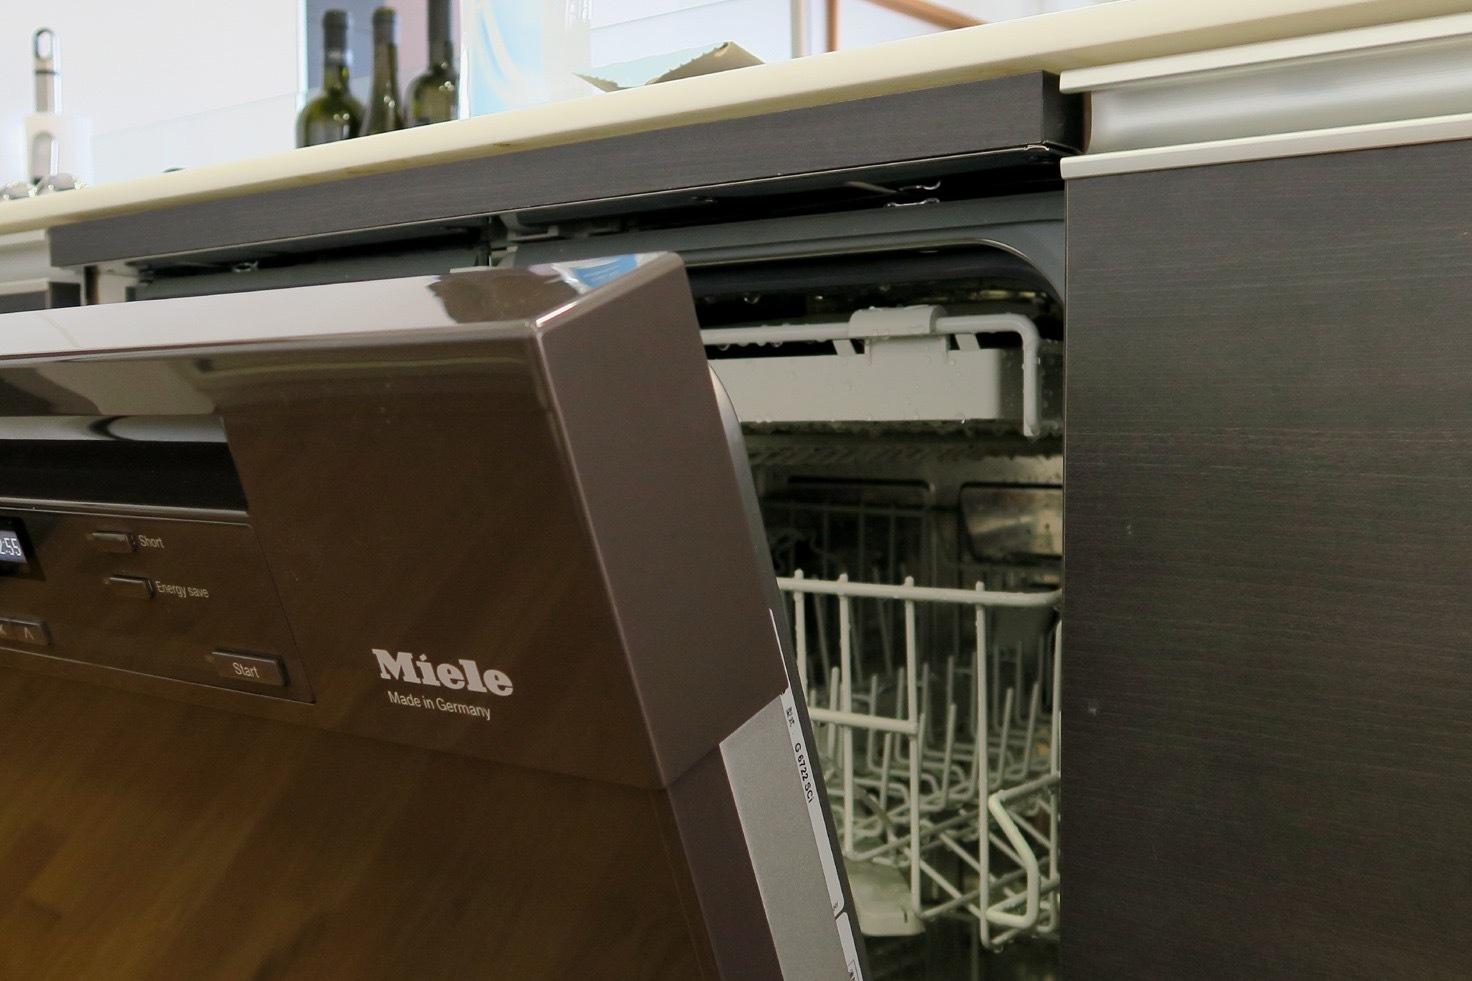 ミーレの食洗機で自由な時間を捻出。★リフォーム事例_c0156359_19522625.jpg